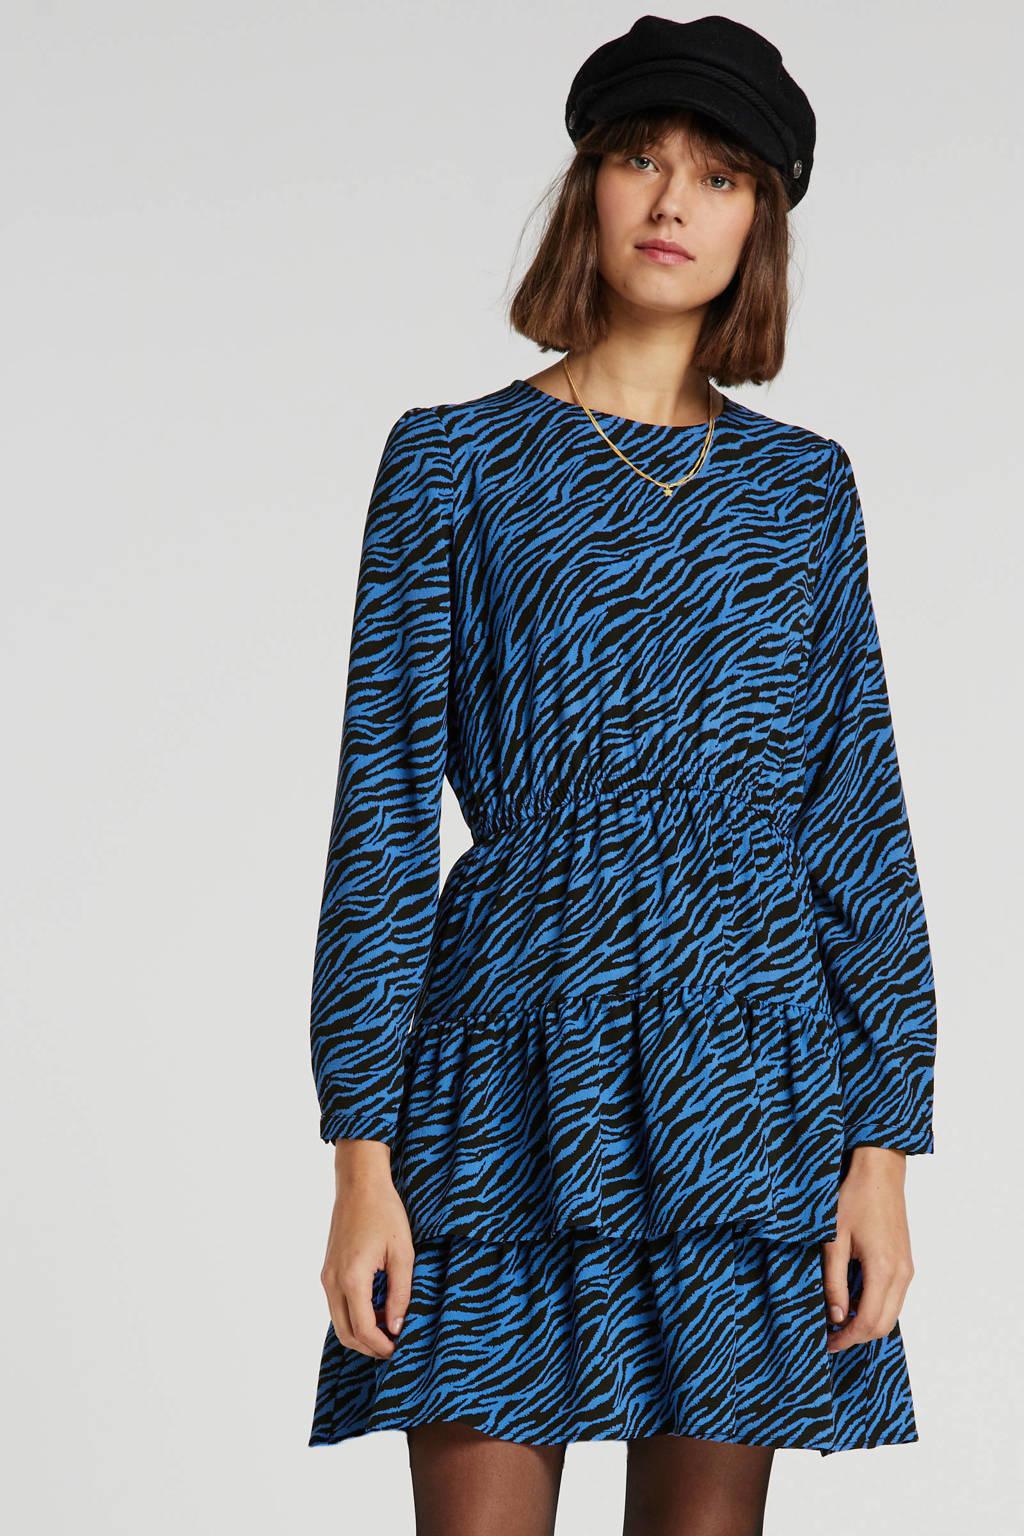 anytime jurk in zebraprint blauw/zwart, Blauw/zwart